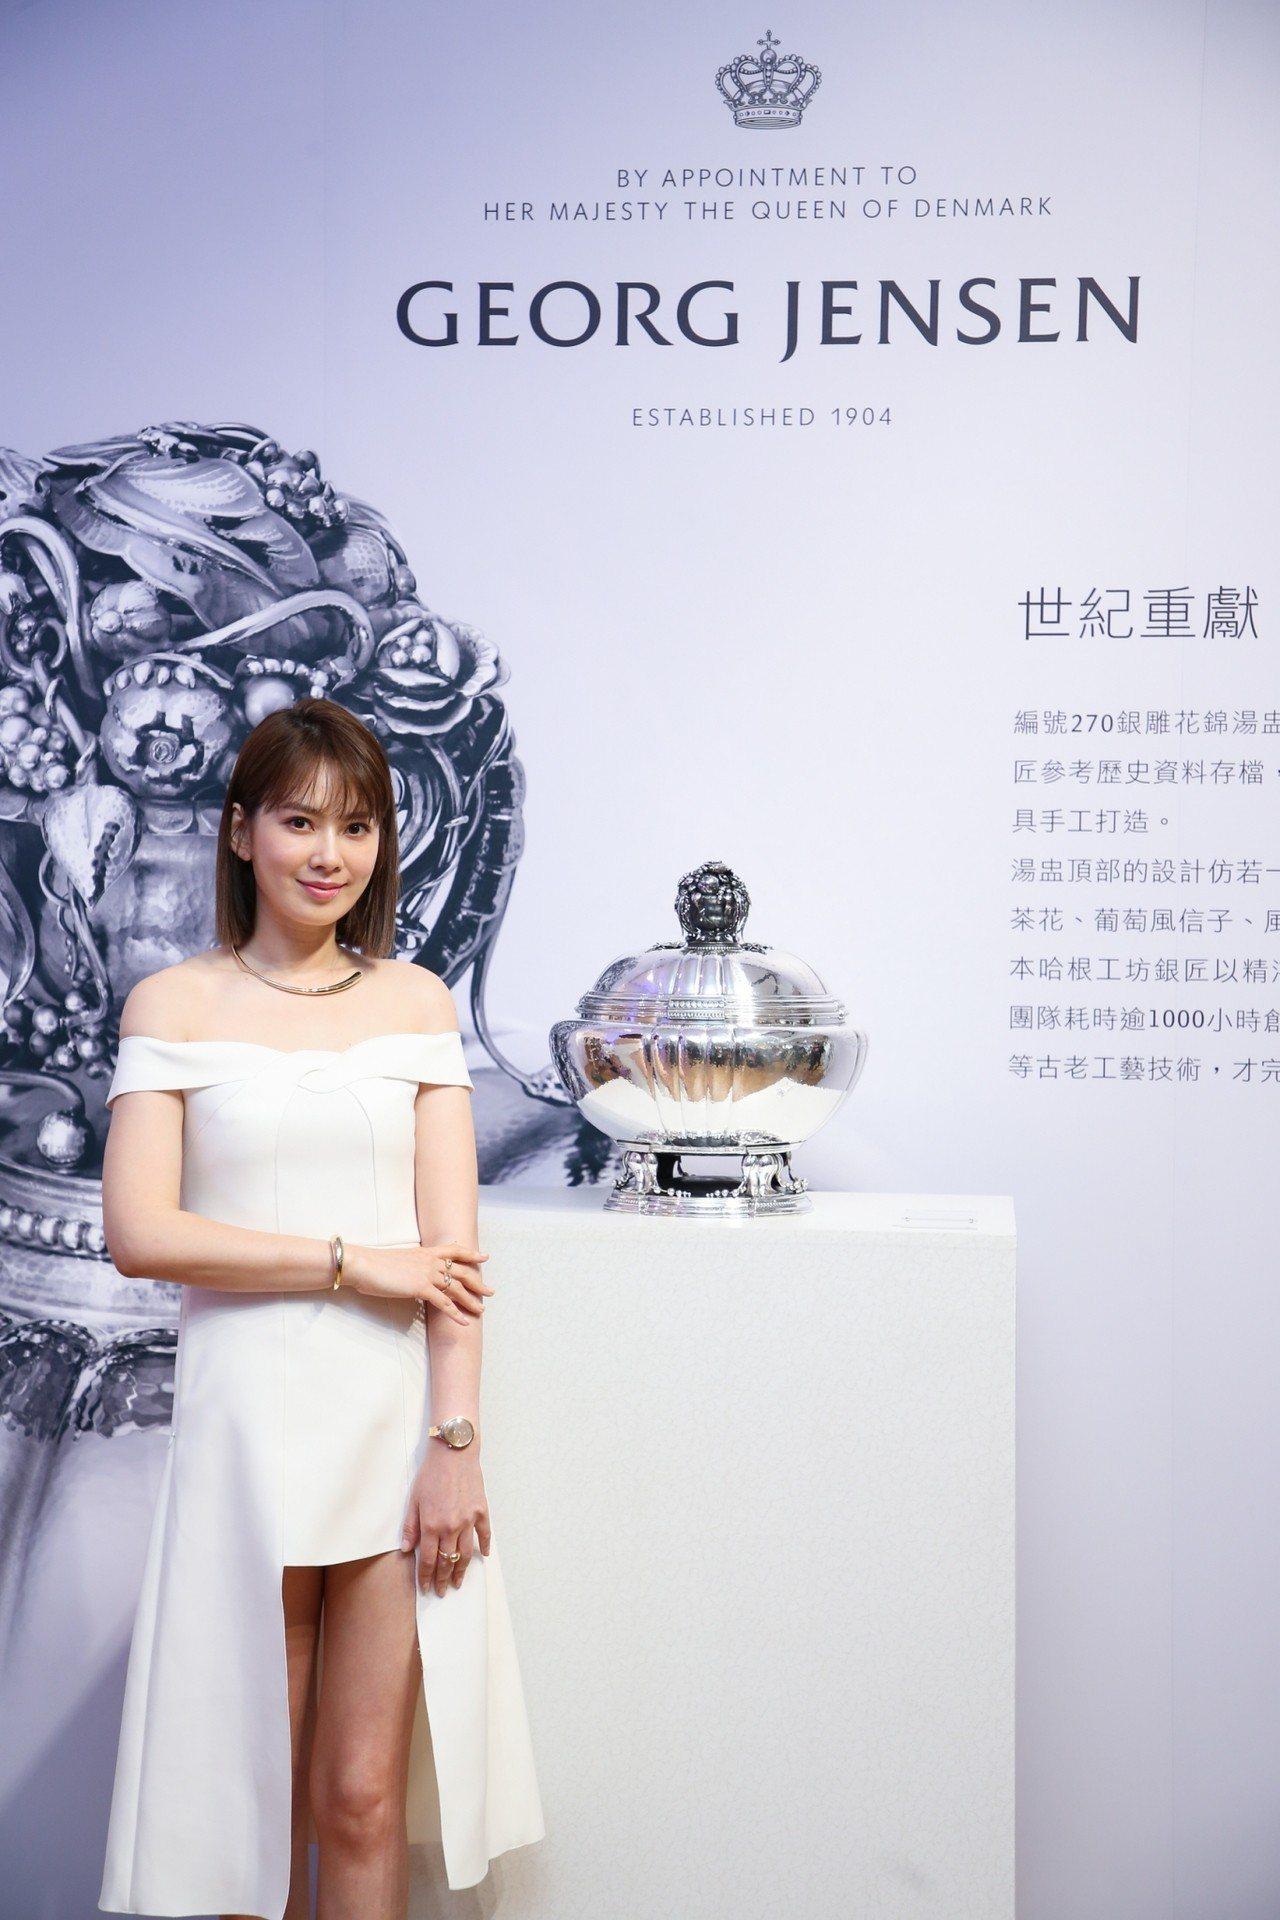 Melody出席喬治傑生《百年工藝 時光之旅》銀雕展開幕活動。記者吳致碩/攝影